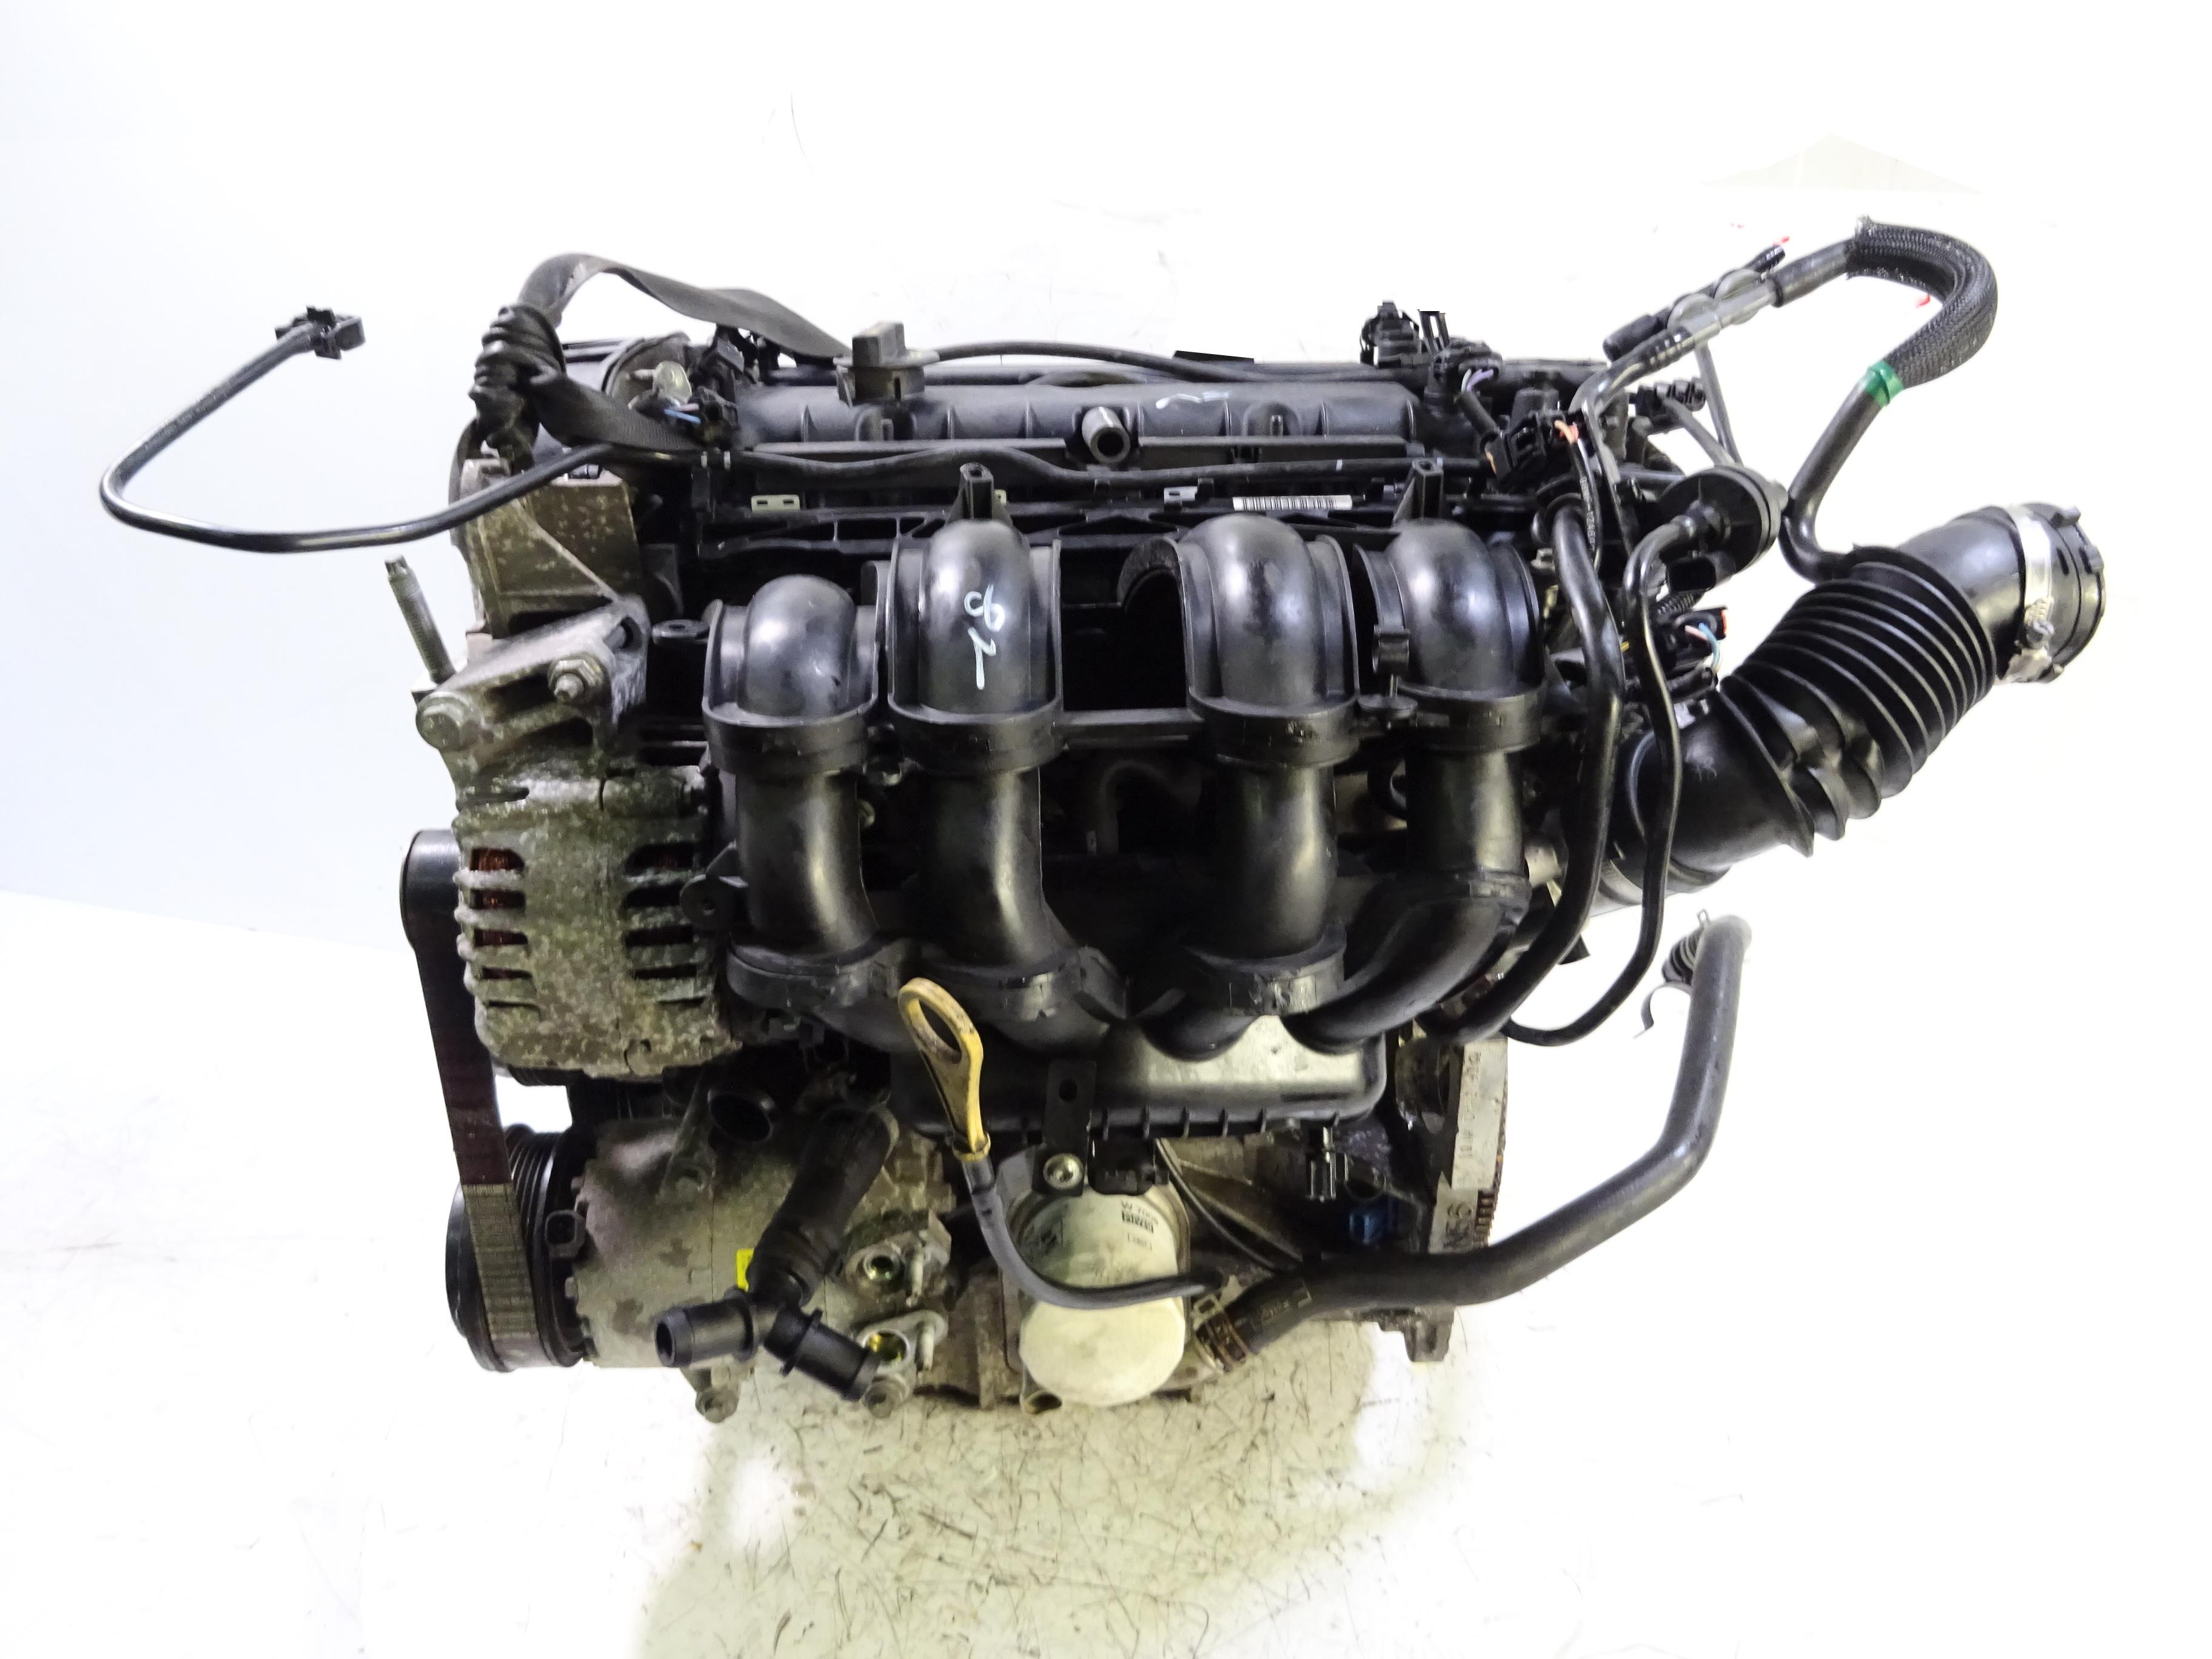 Motor für Ford B-Max Fiesta VI 1,6 Ti Benzin IQJA 105 PS